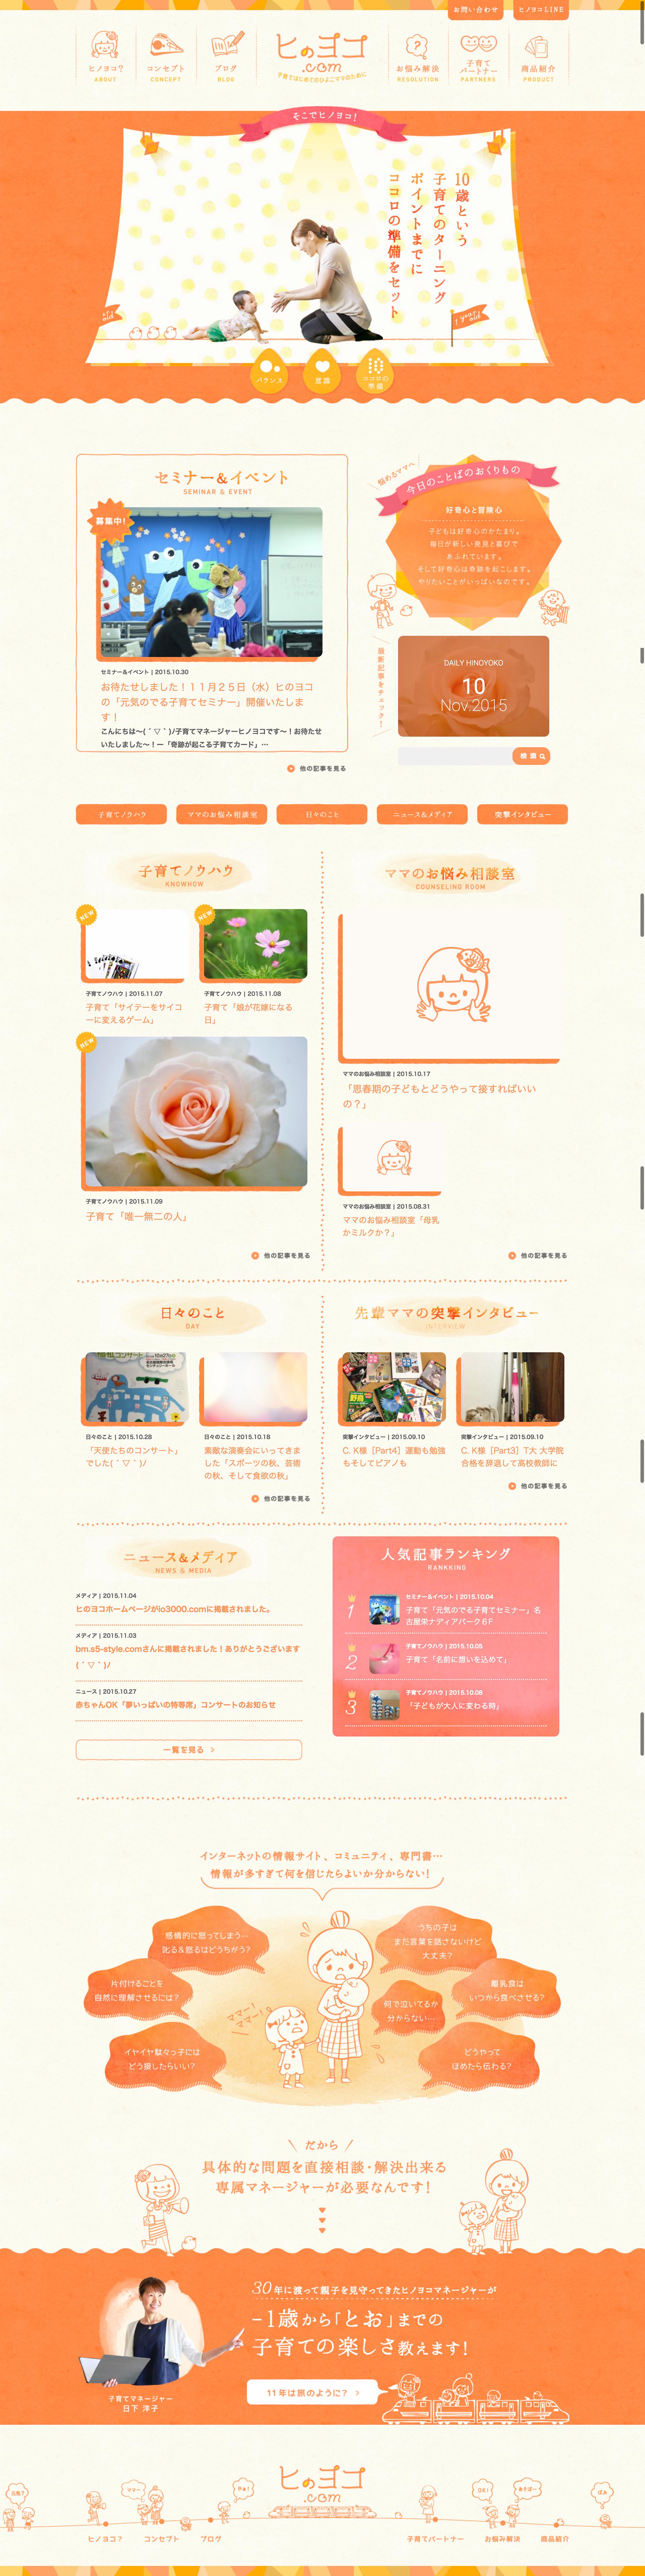 Web おしゃれまとめの人気アイデア Pinterest Pompom Lp デザイン ウェブデザイン コーポレートサイト デザイン